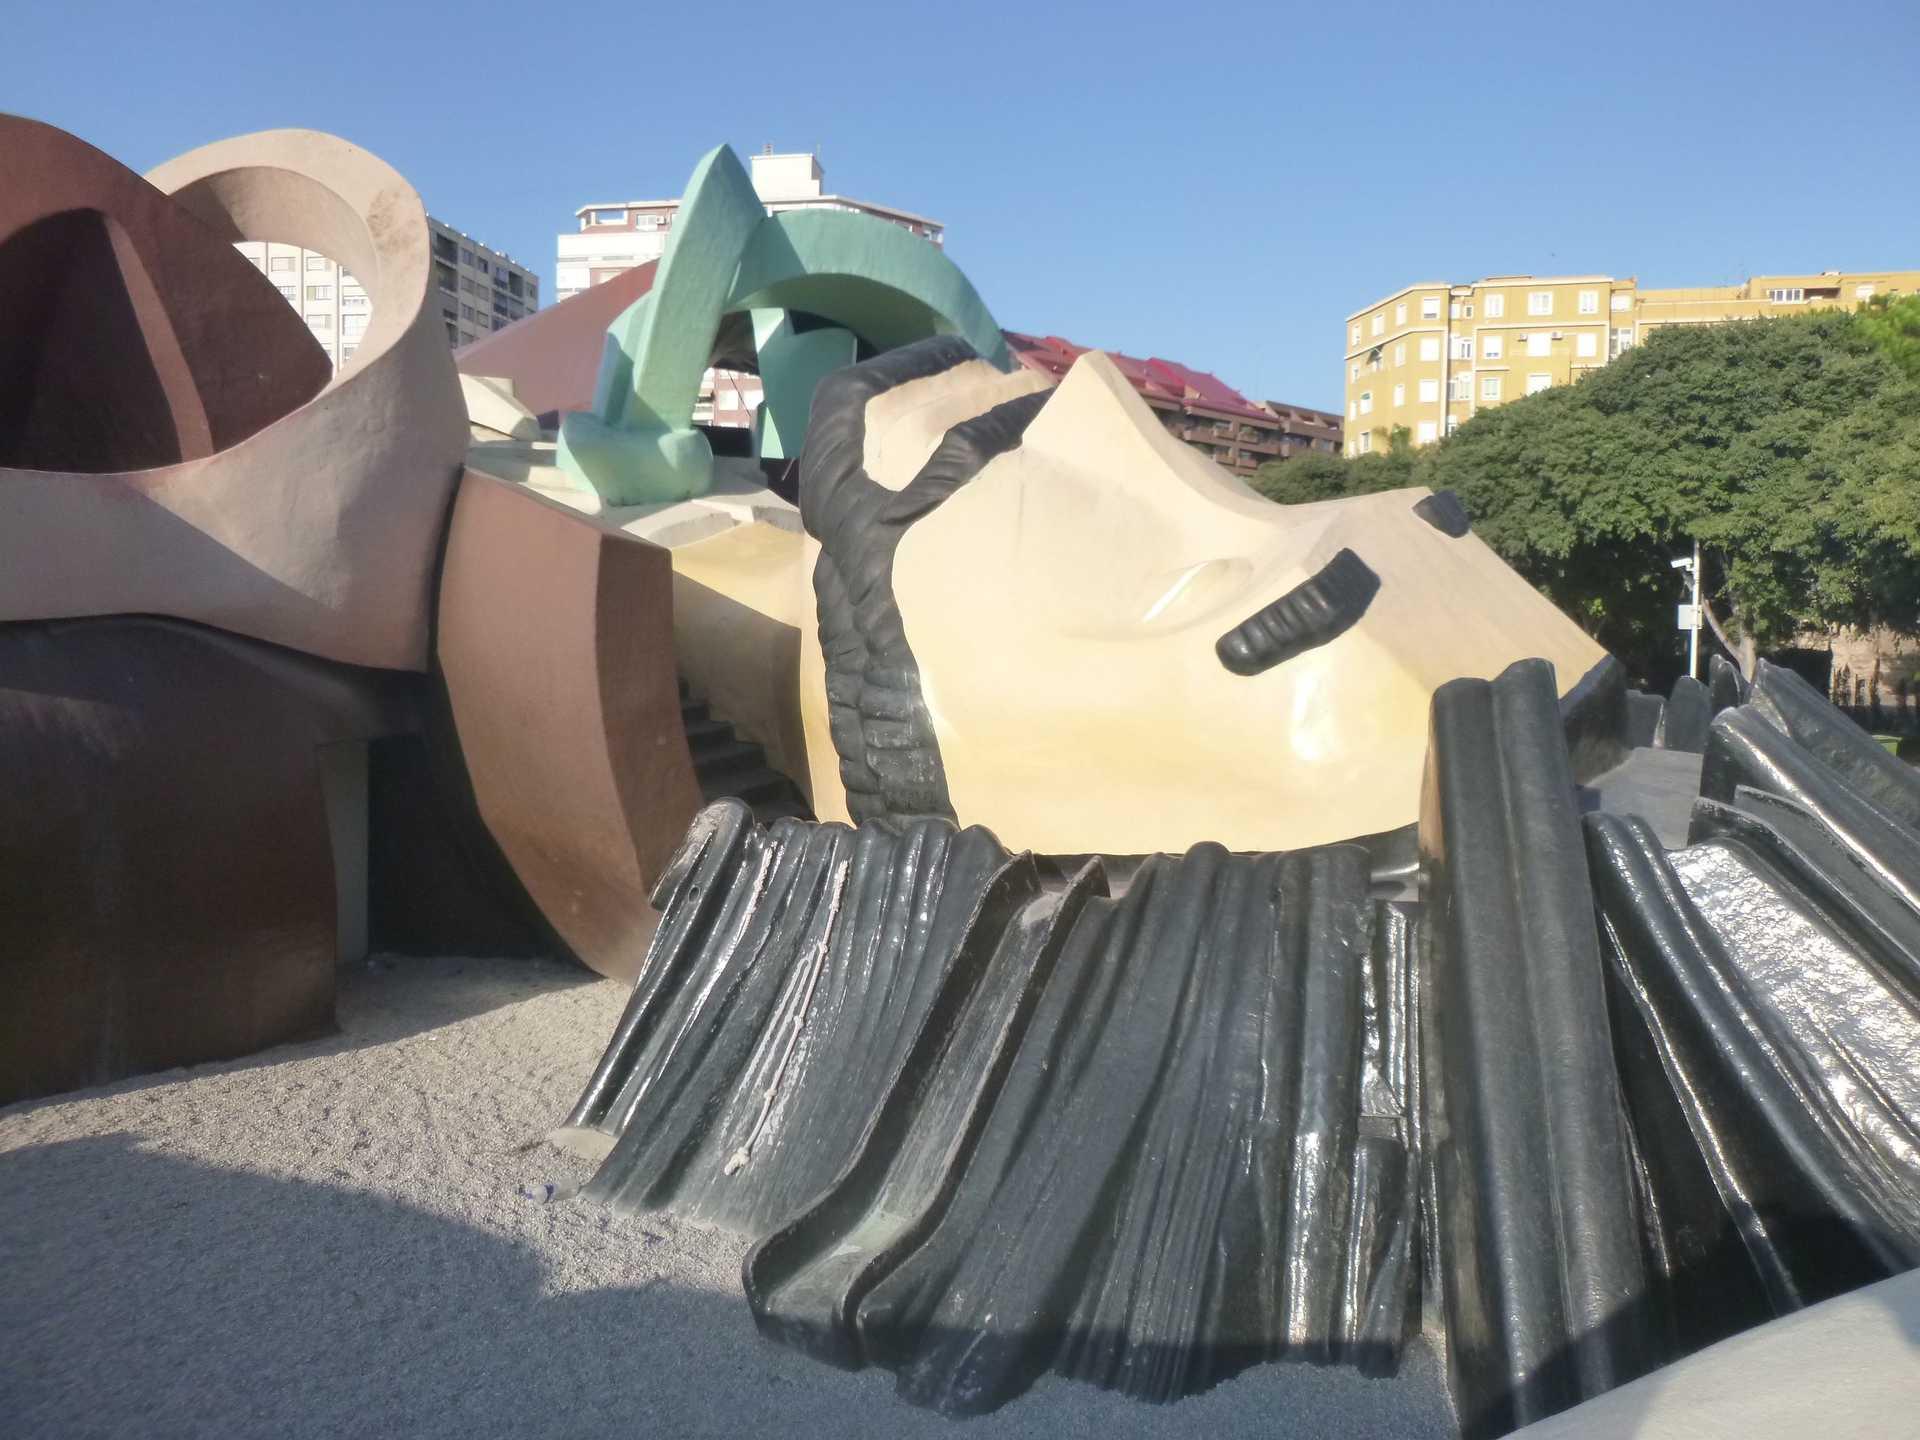 The Gulliver Park